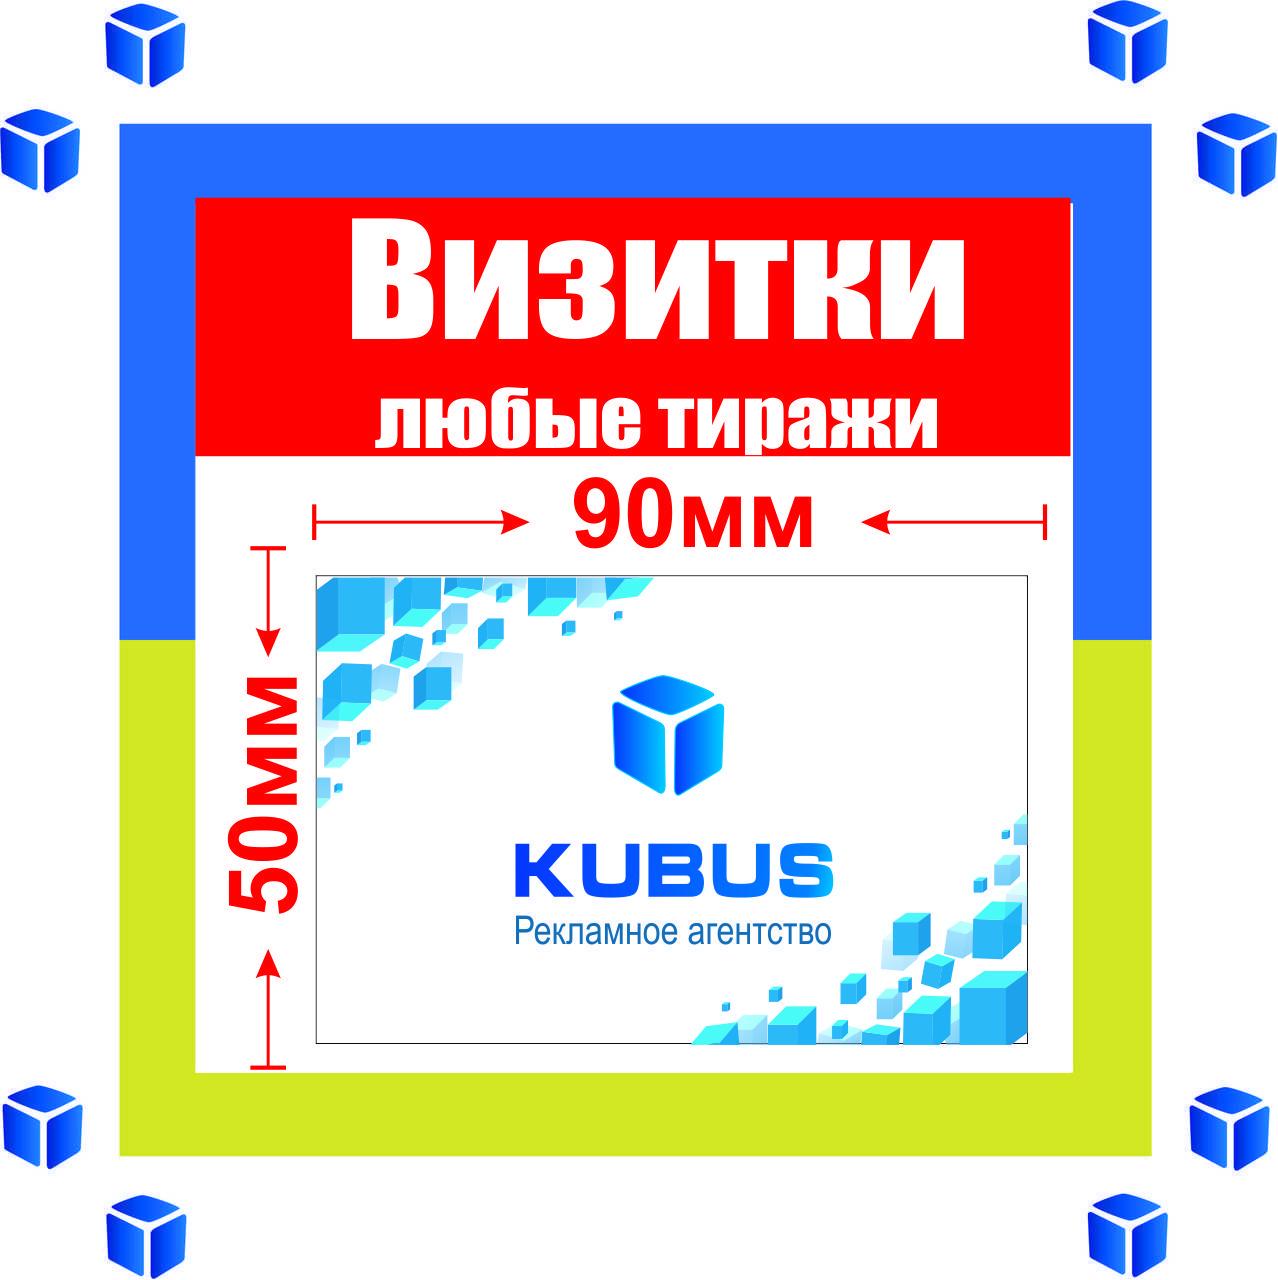 Визитки цветные двухсторонние 3000 шт(любые тиражи, матовая  ламинация/ 4 дня)